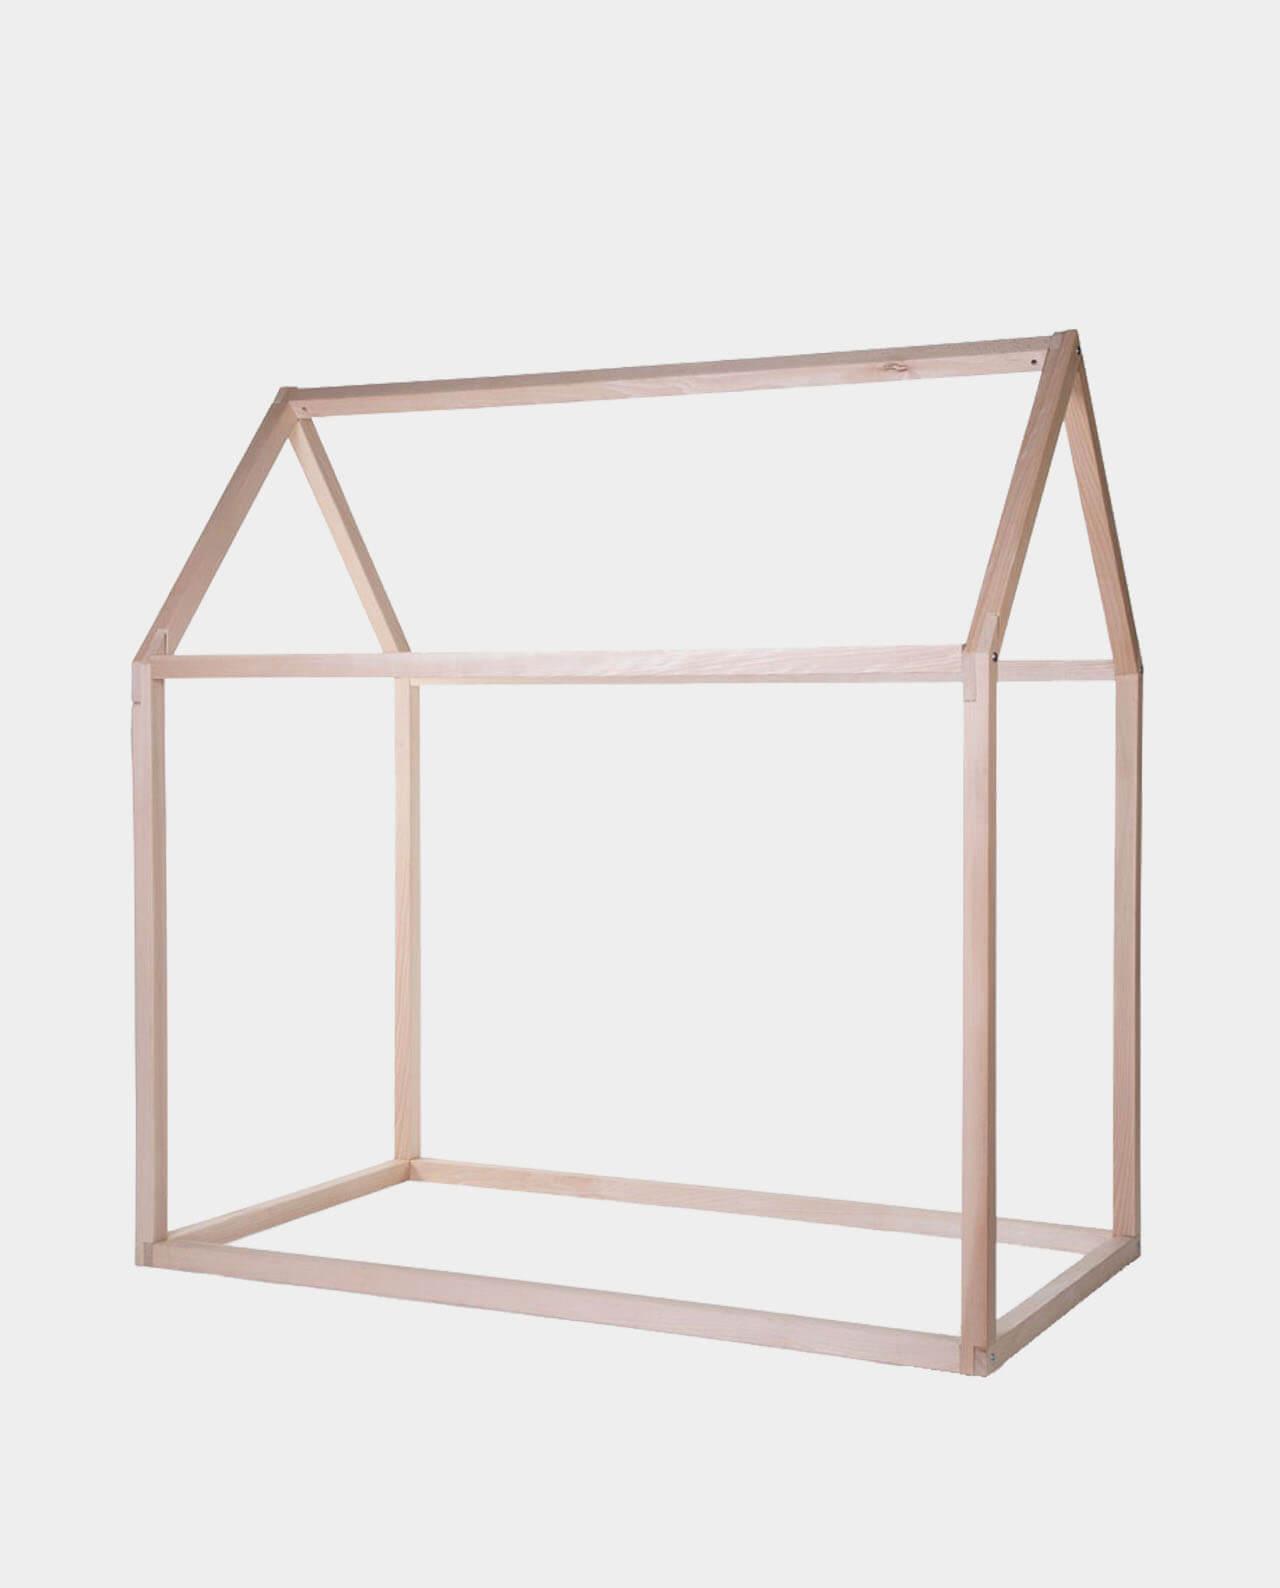 hausbett frieso 90x200 jetzt online kaufen. Black Bedroom Furniture Sets. Home Design Ideas